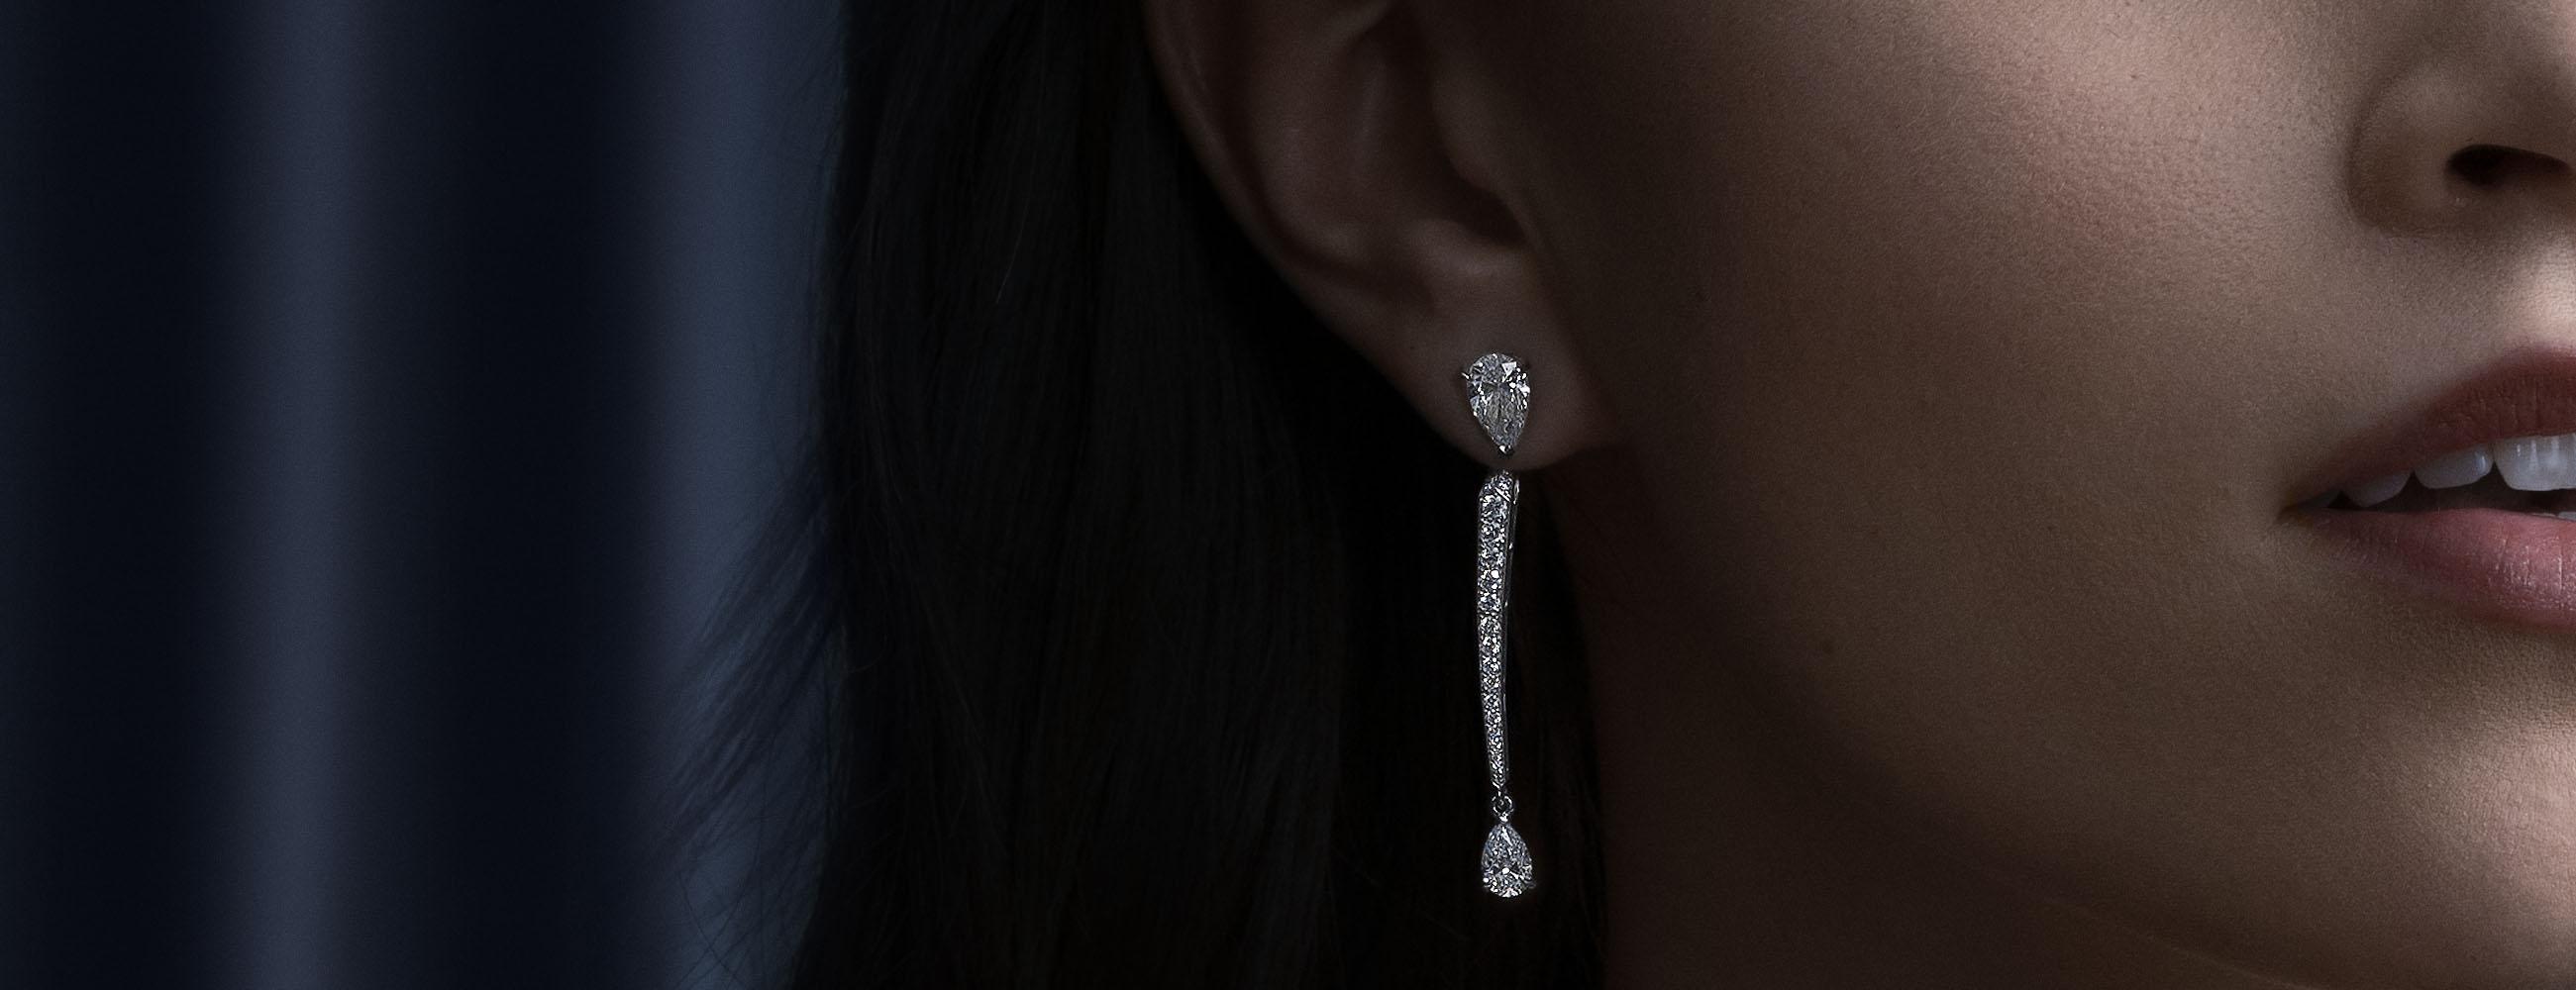 Chaumet Josephine jewellery collection